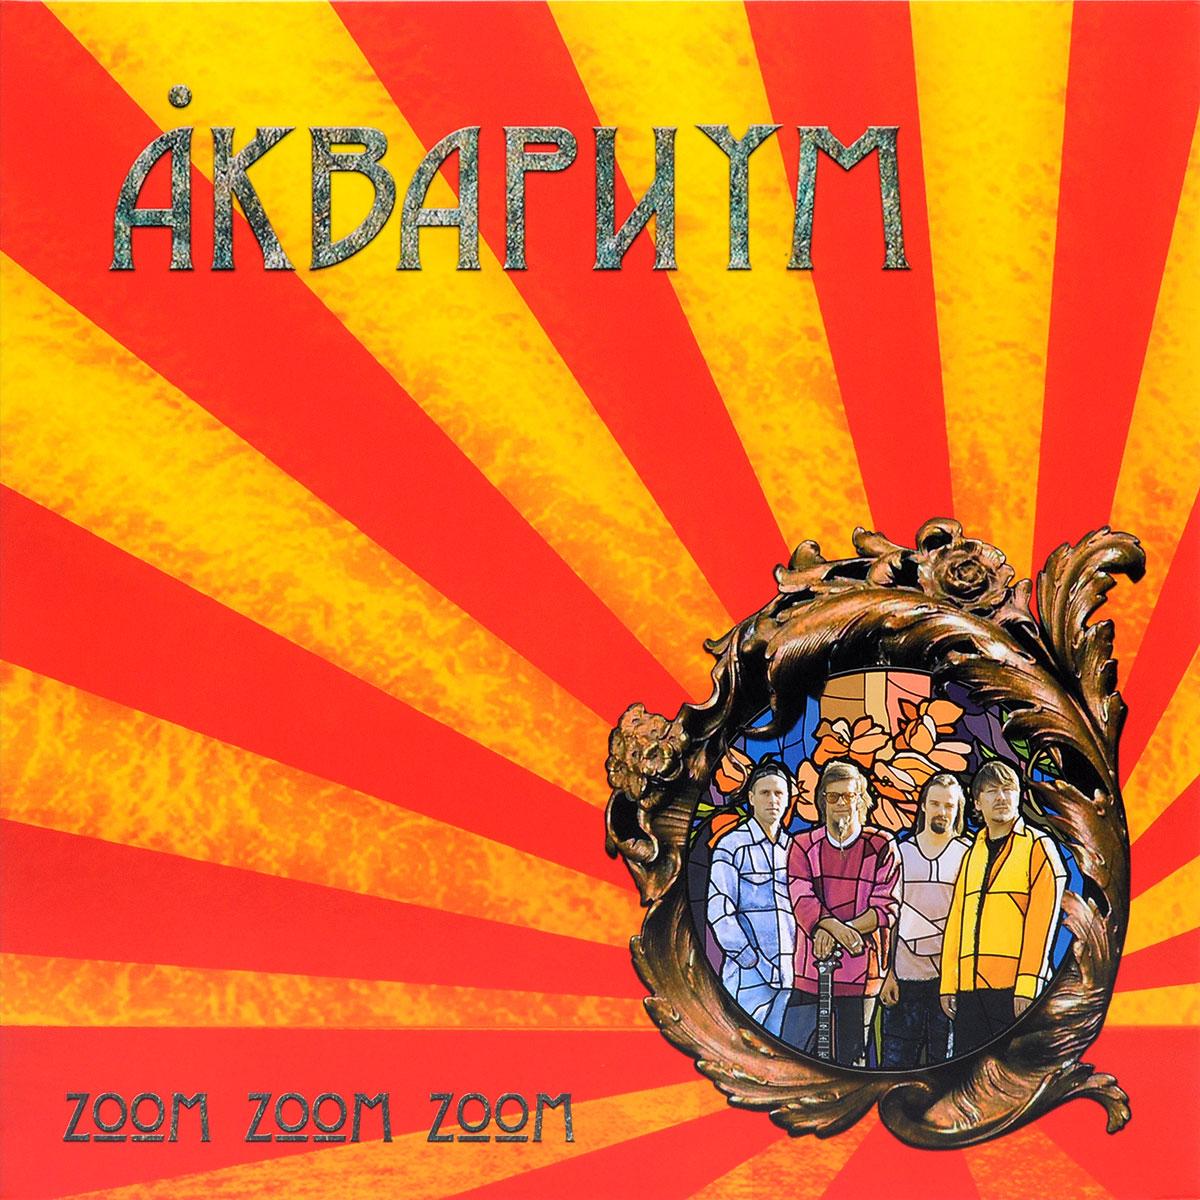 Аквариум Аквариум. Zoom Zoom Zoom (LP) bomba music сайт